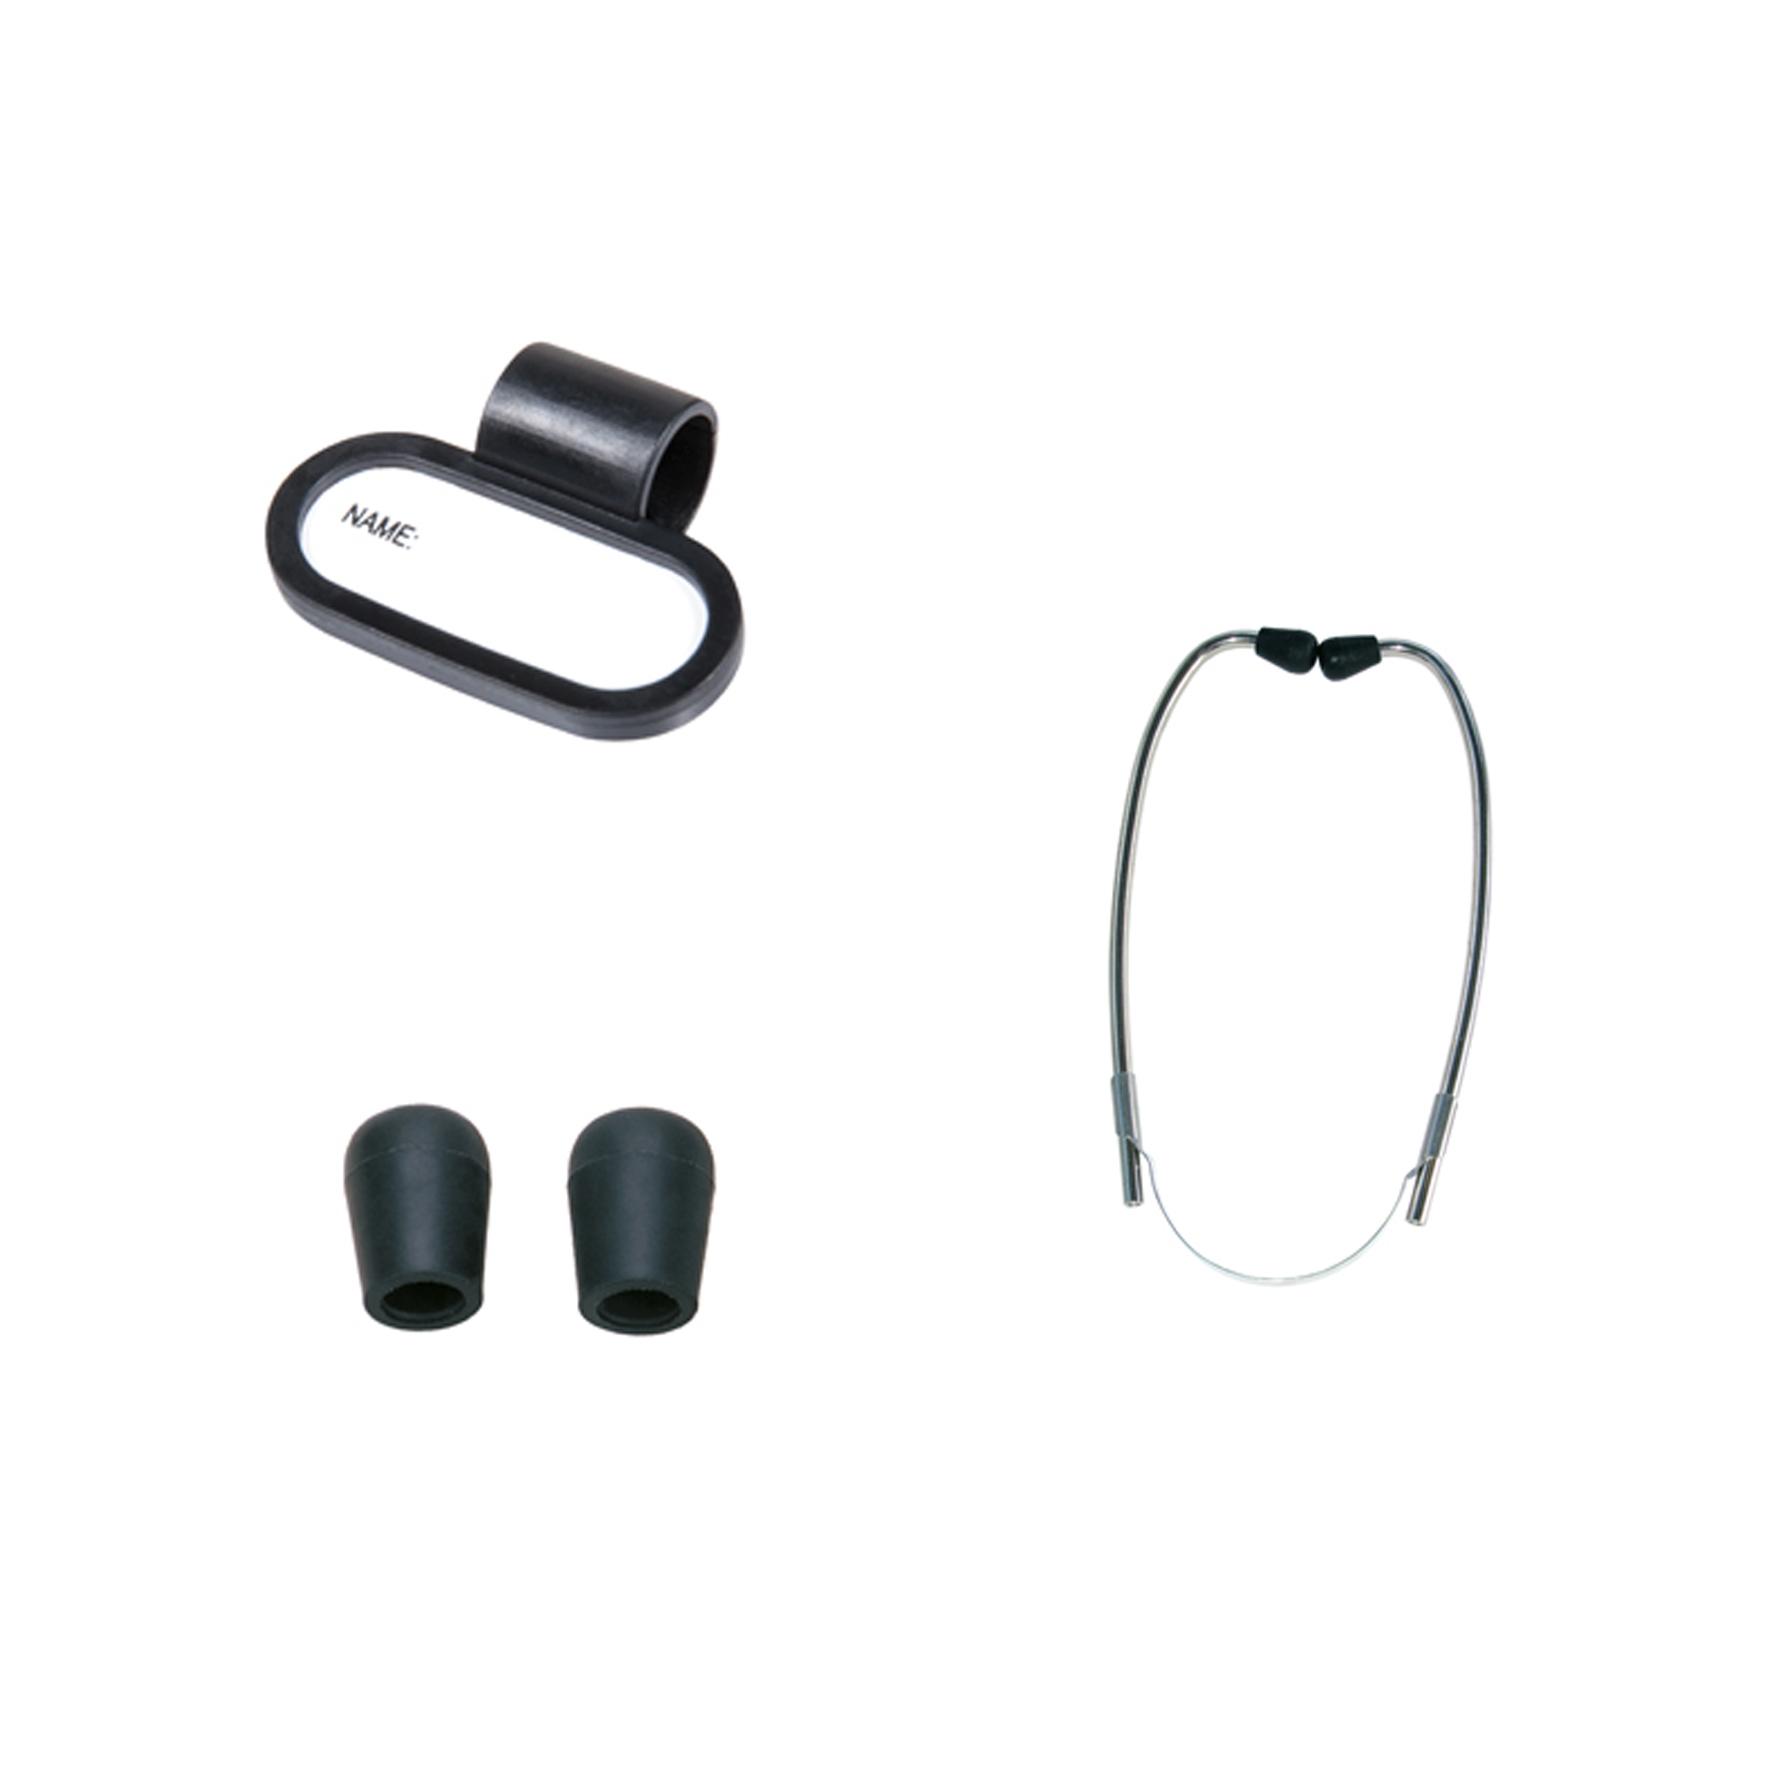 Onderdelen voor stethoscopen